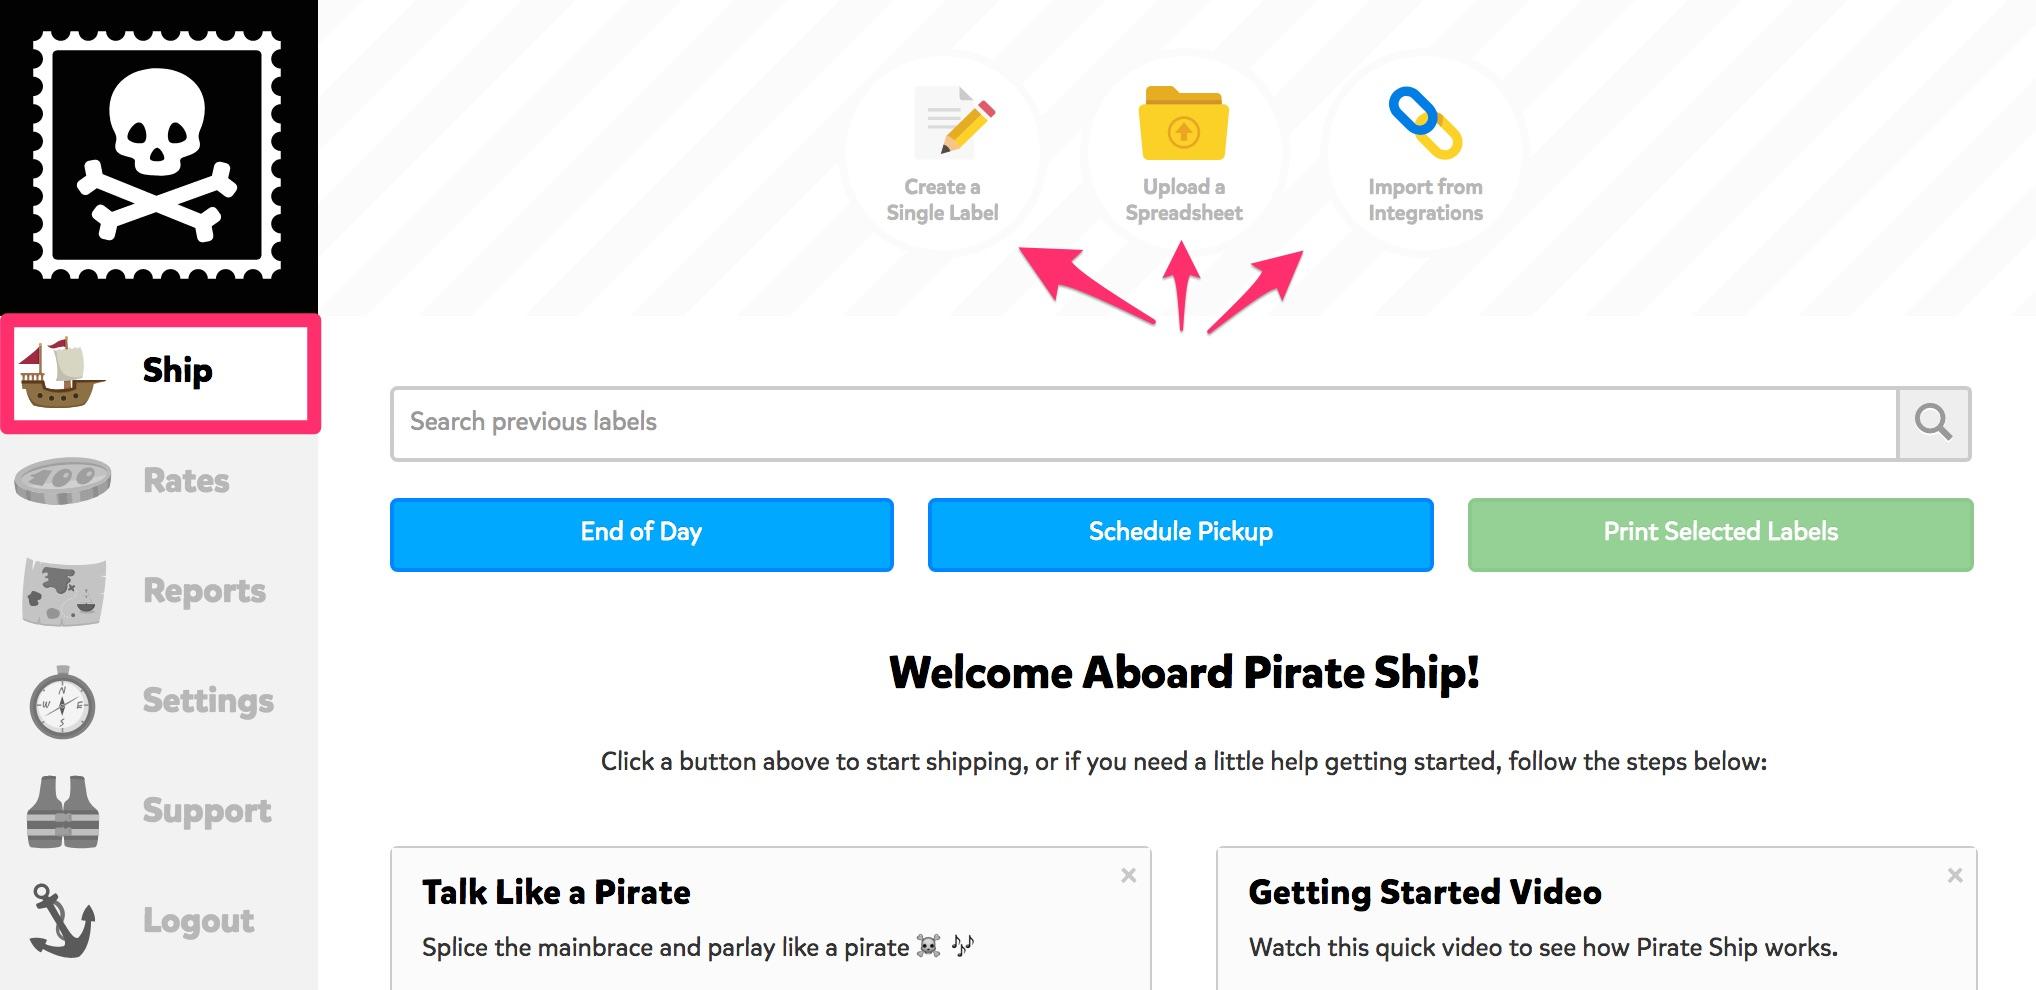 Pirate Ship dashboard